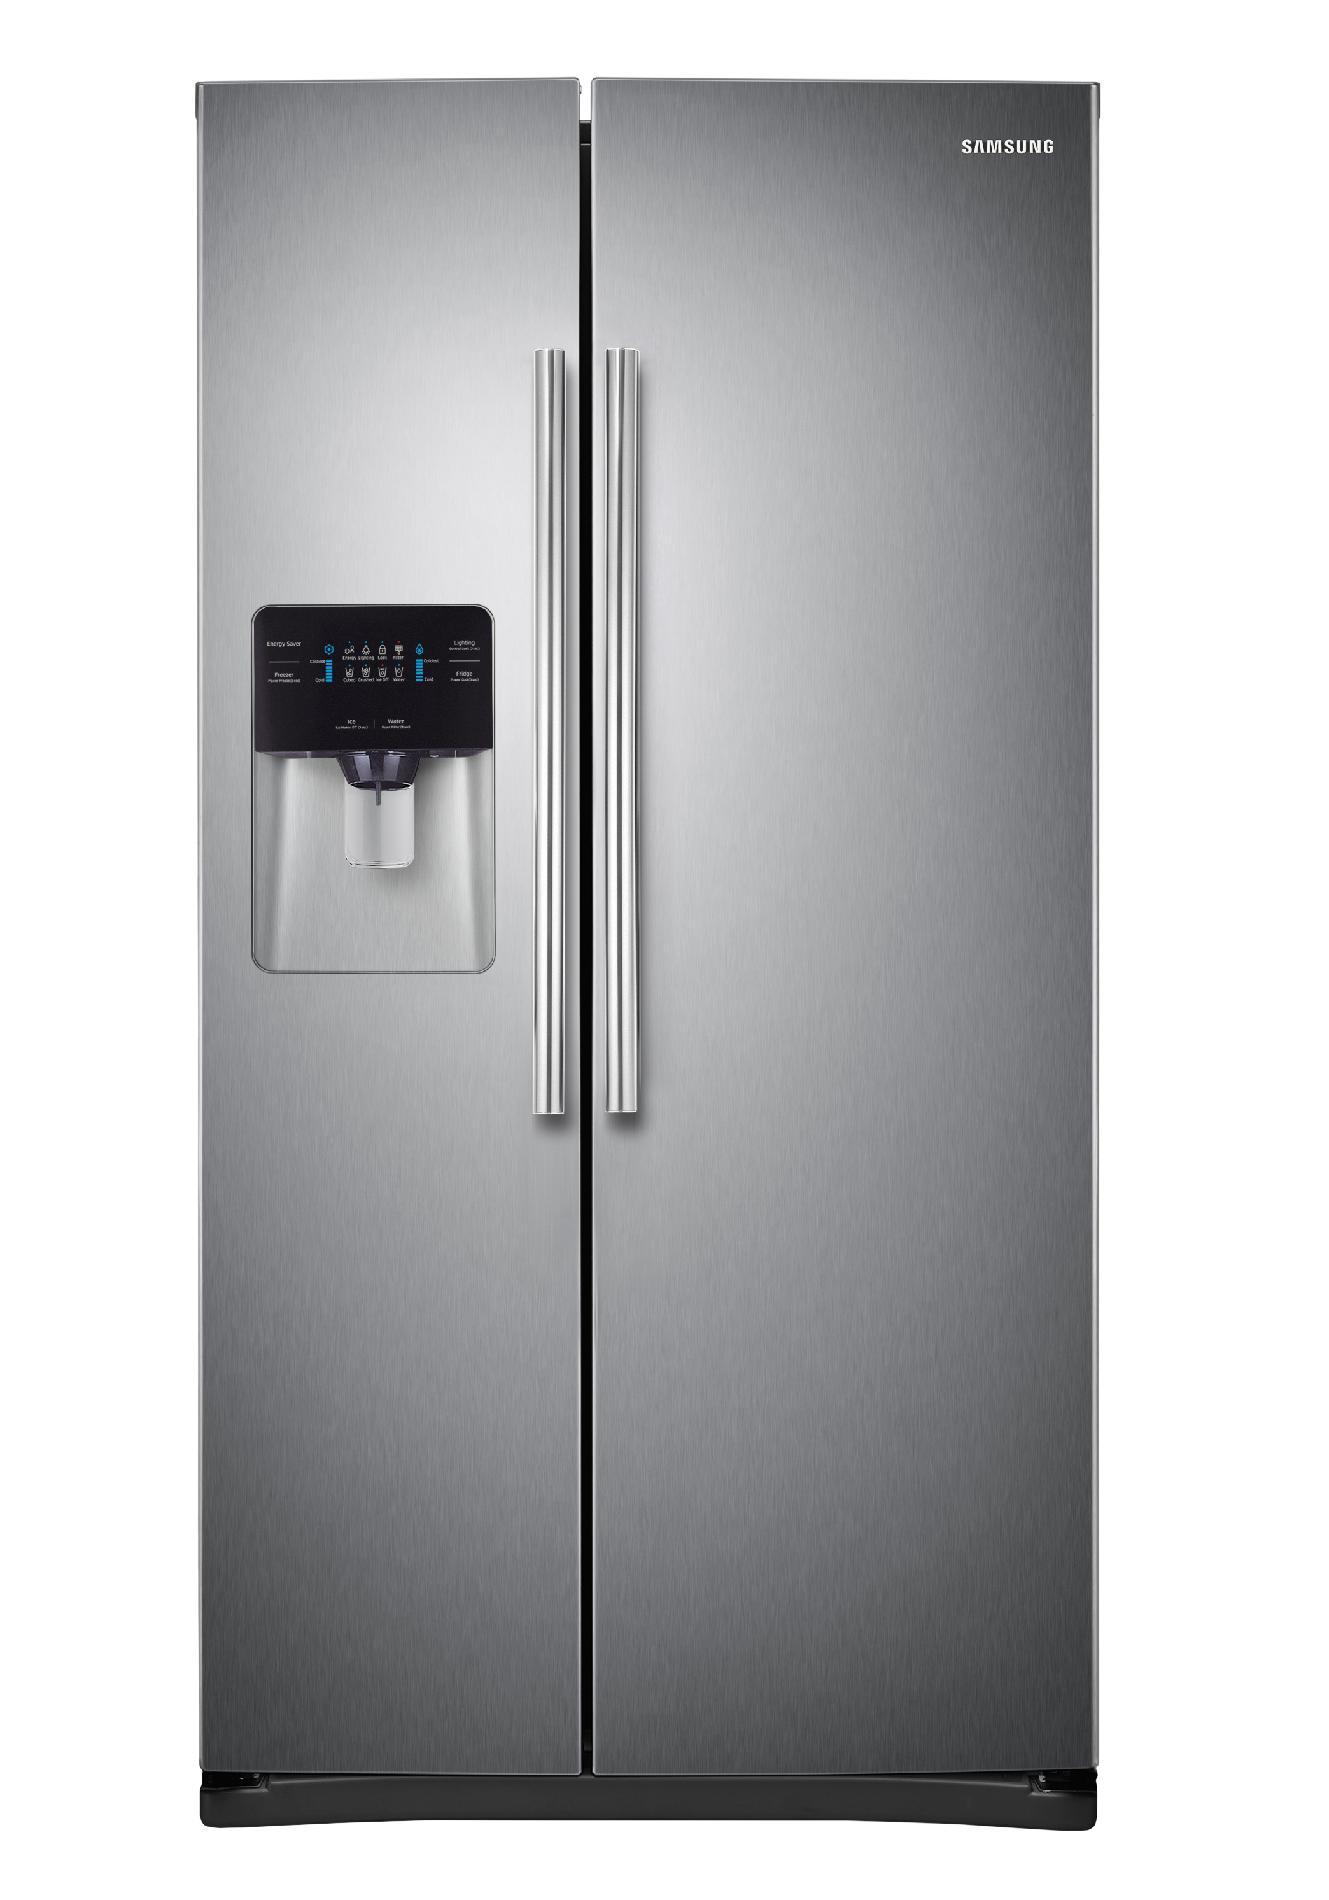 Samsung RS25H5000SR 245 cu ft SidebySide Refrigerator